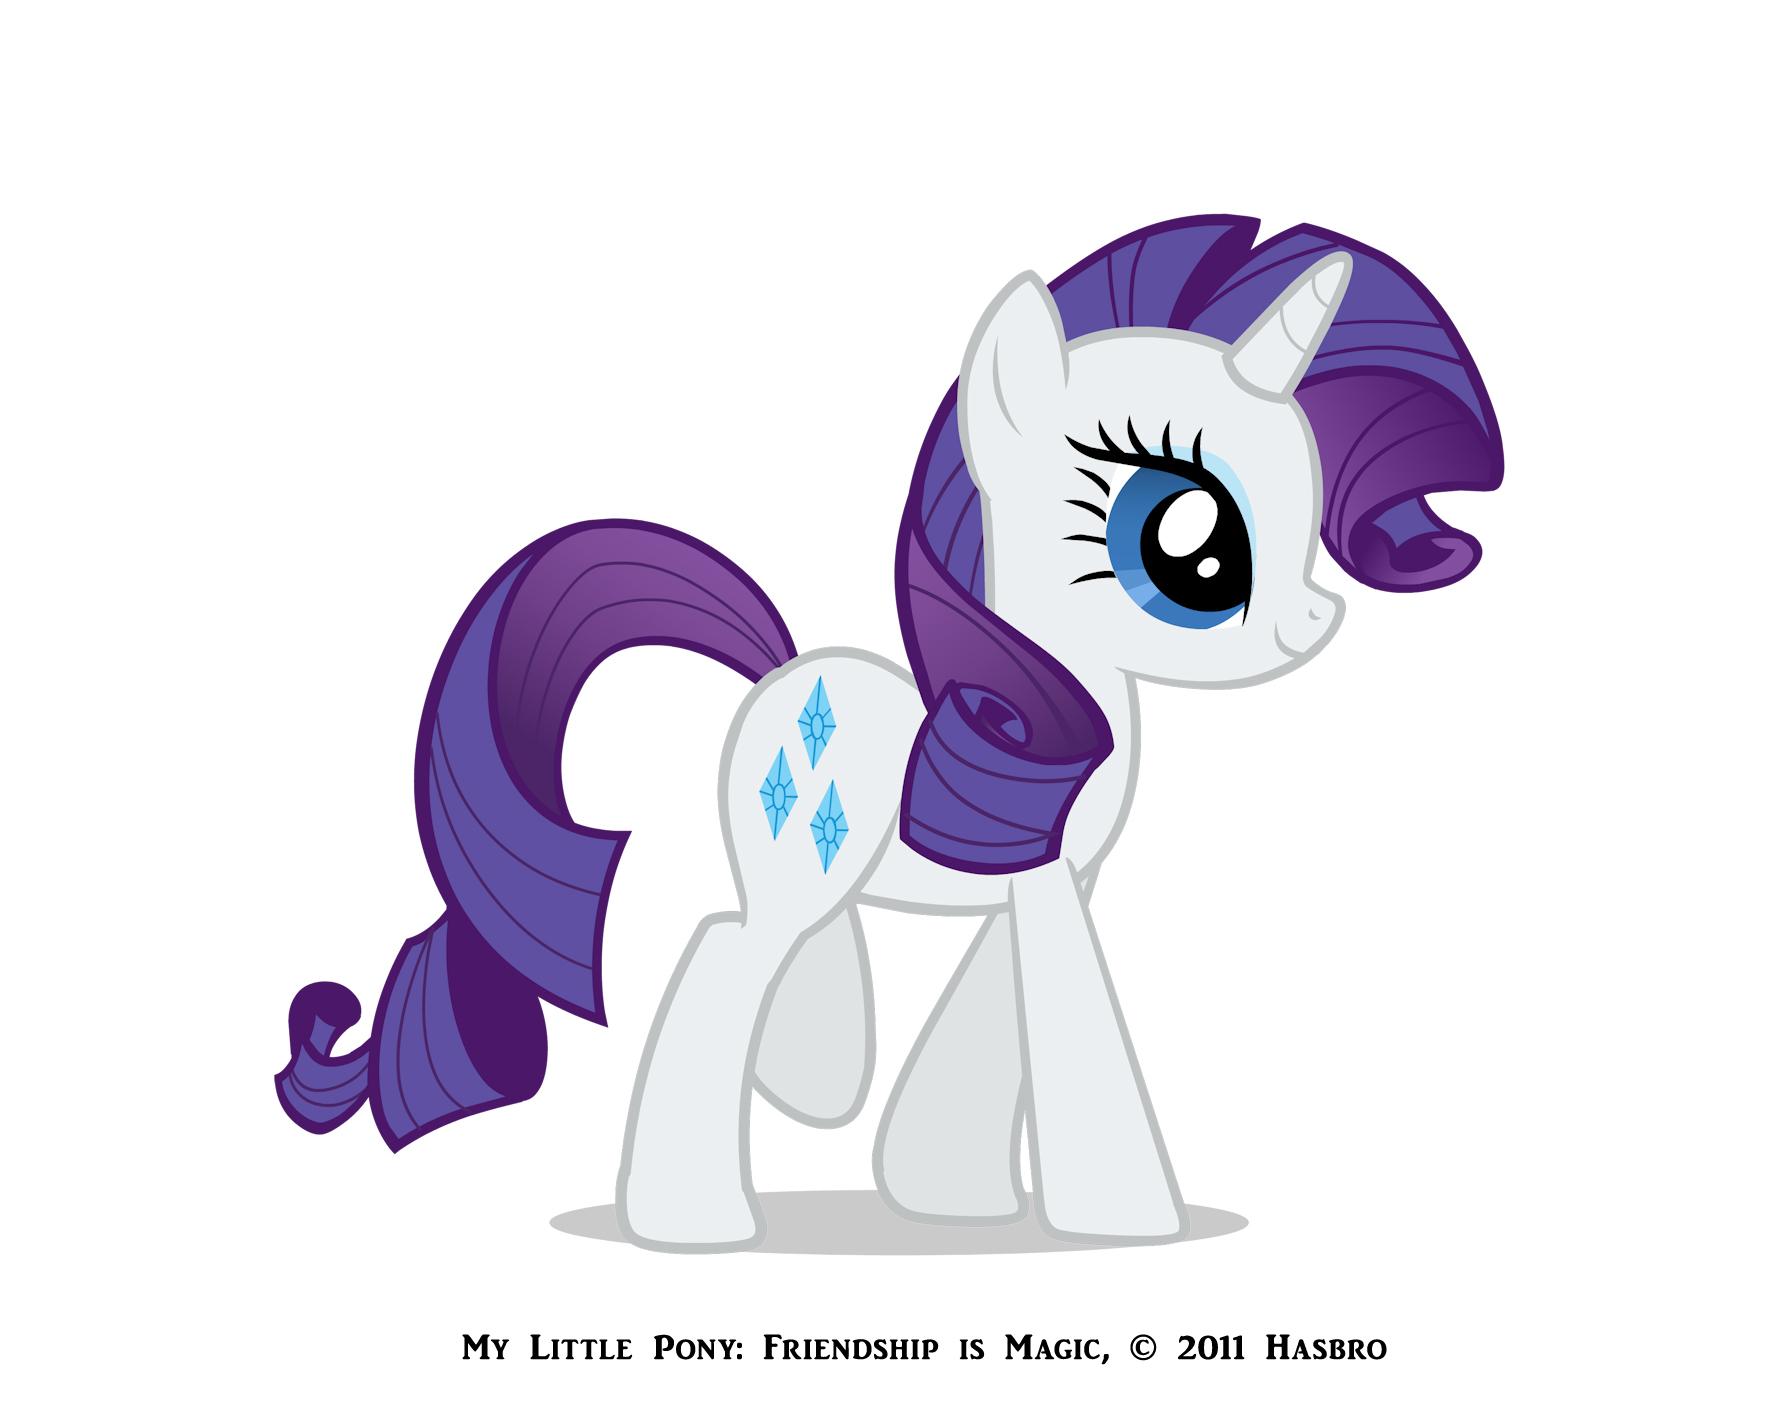 تقرير كامل عن ماي ليتل بوني My little pony rarityreference.jpg